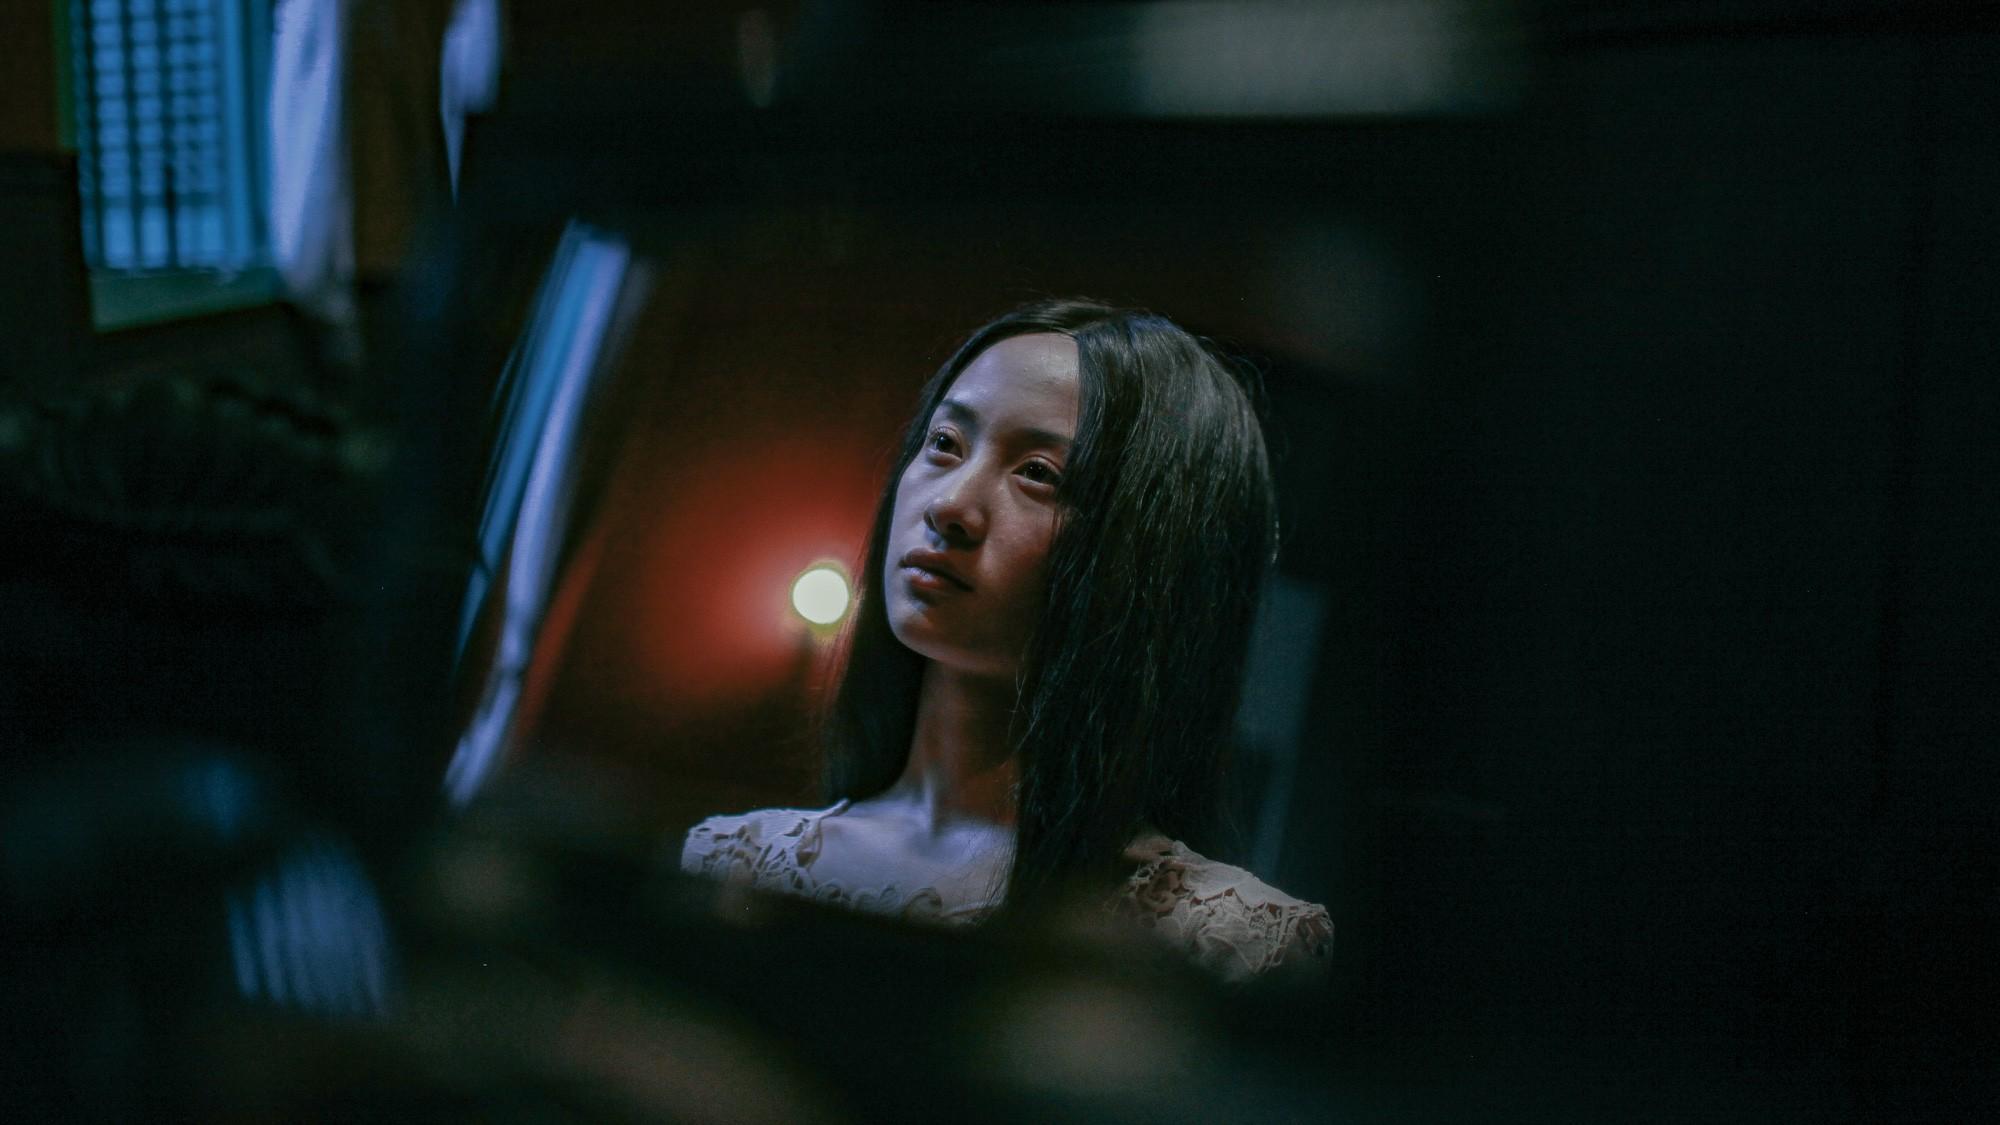 Jun Vũ không chỉ đẹp mà còn ma mị khi làm cô ca nương đoản mệnh trong Người Bất Tử - Ảnh 3.